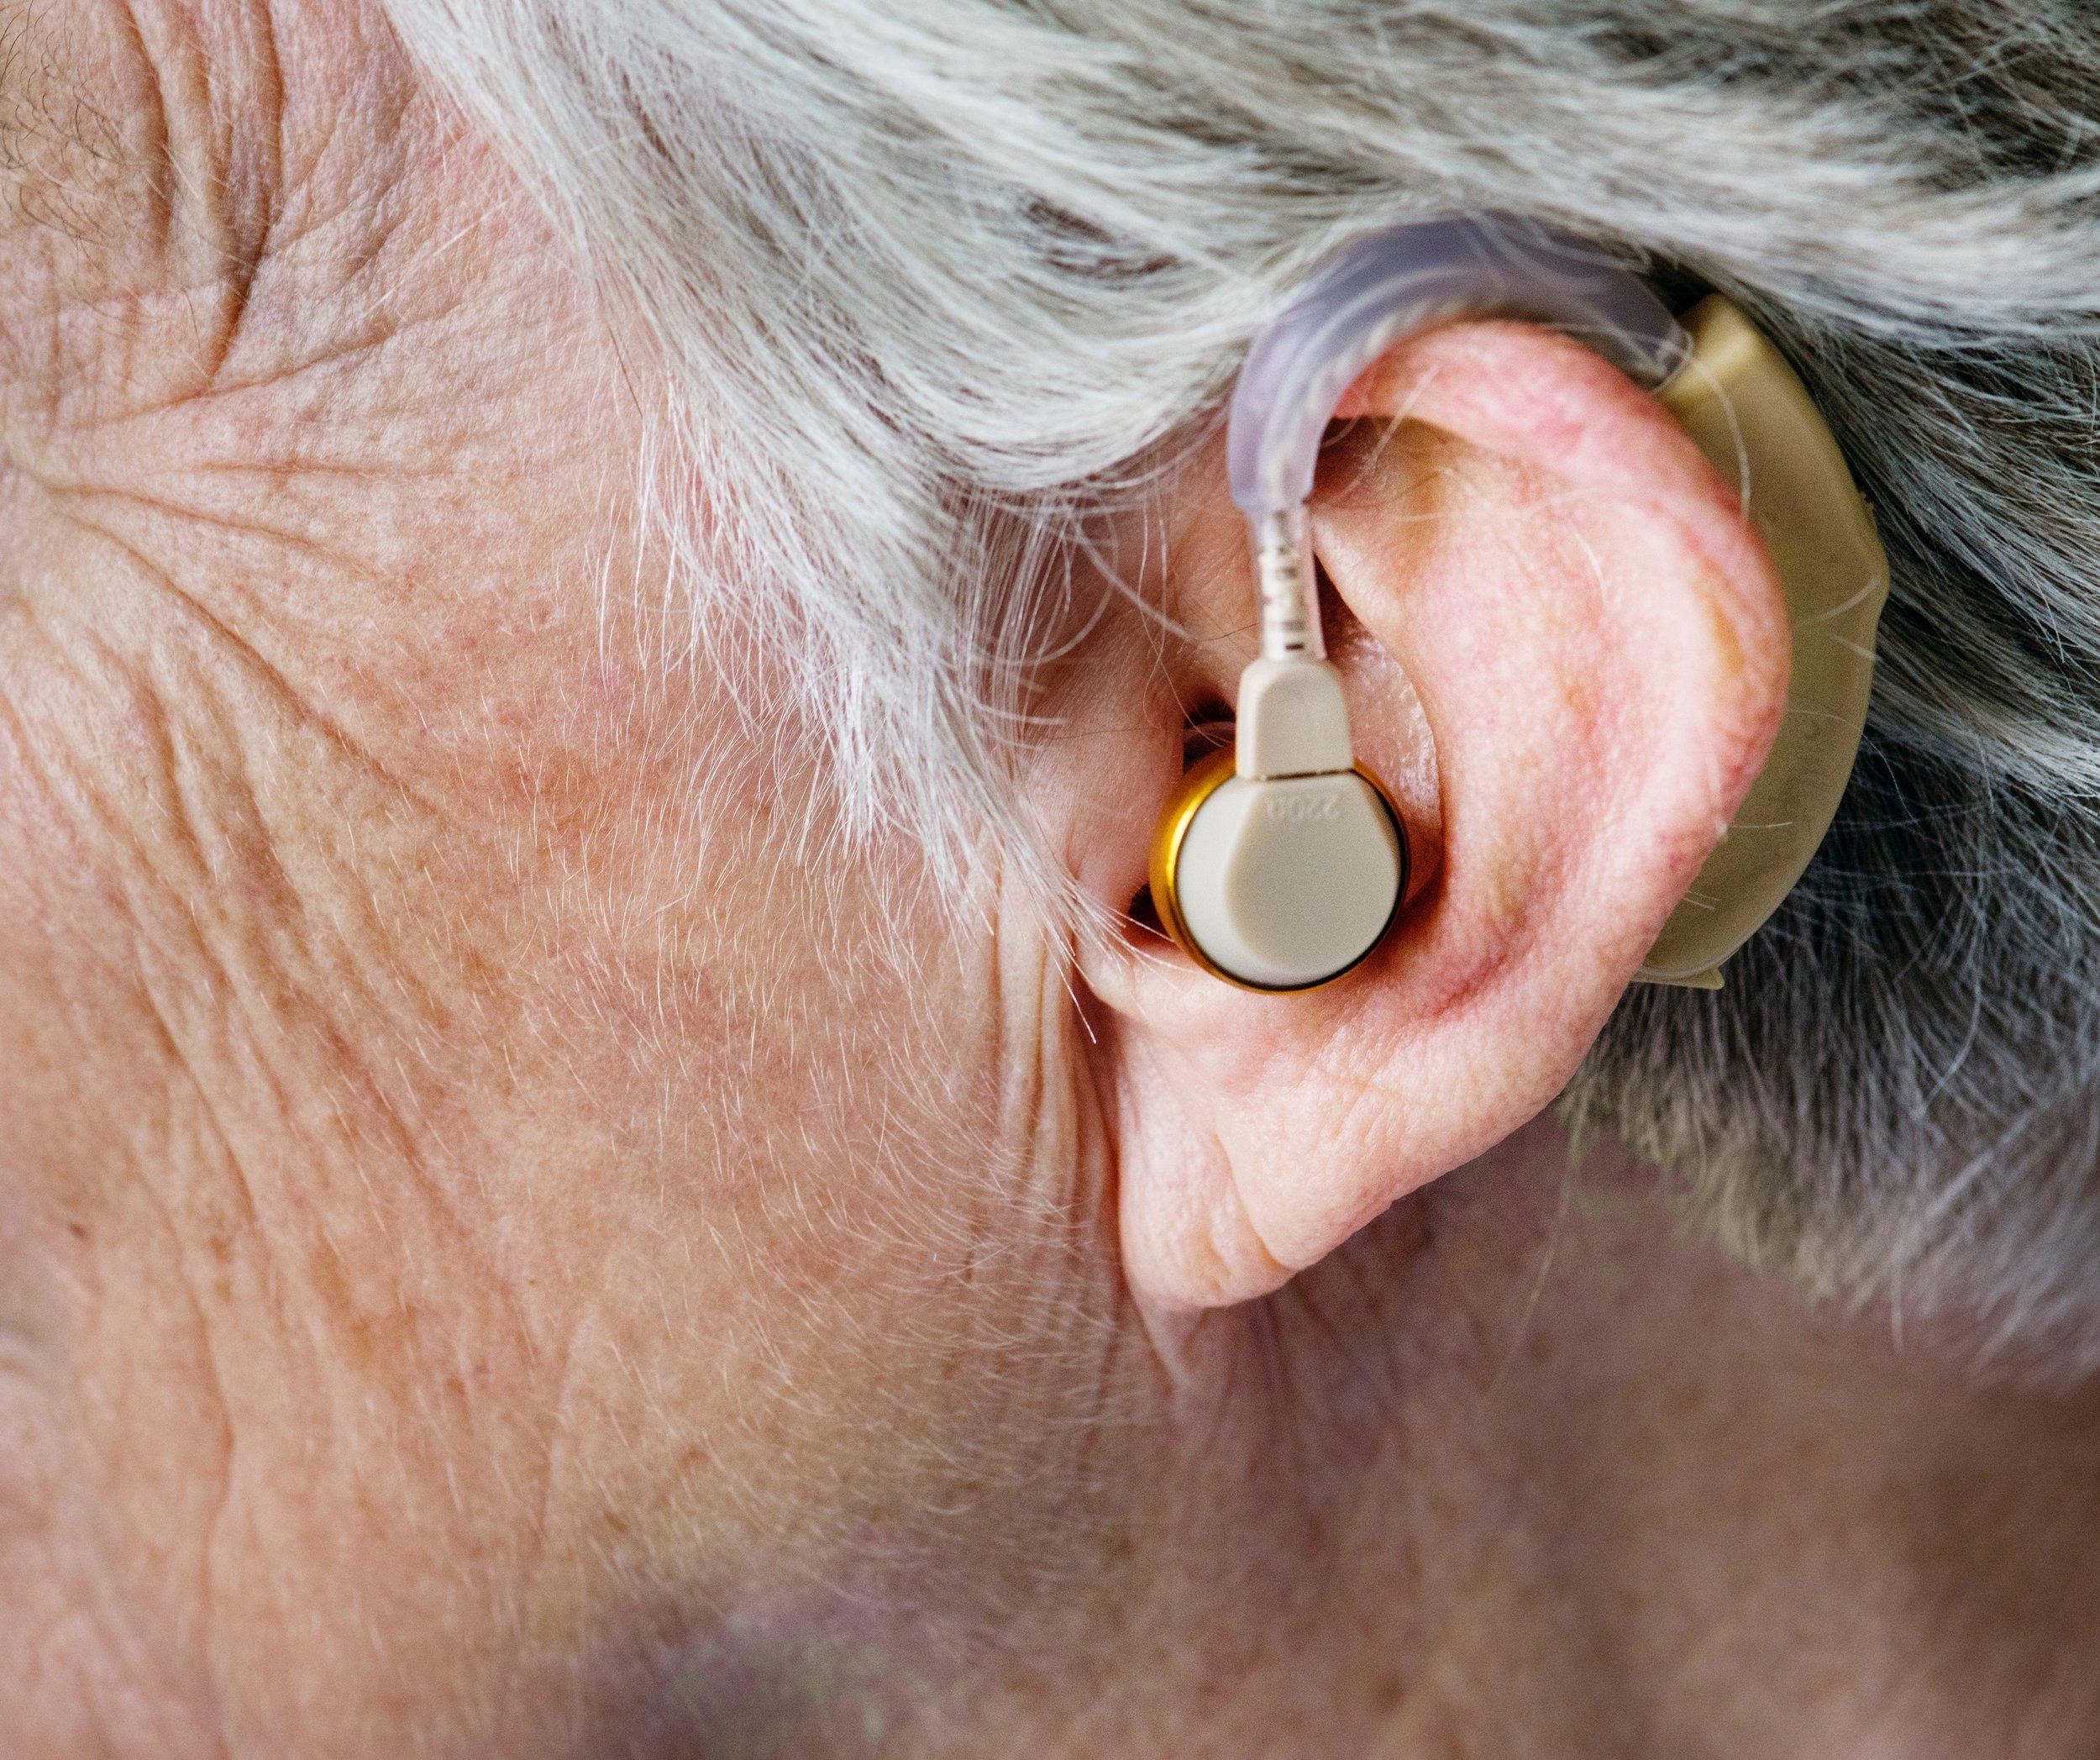 Hearing Aid Jpg